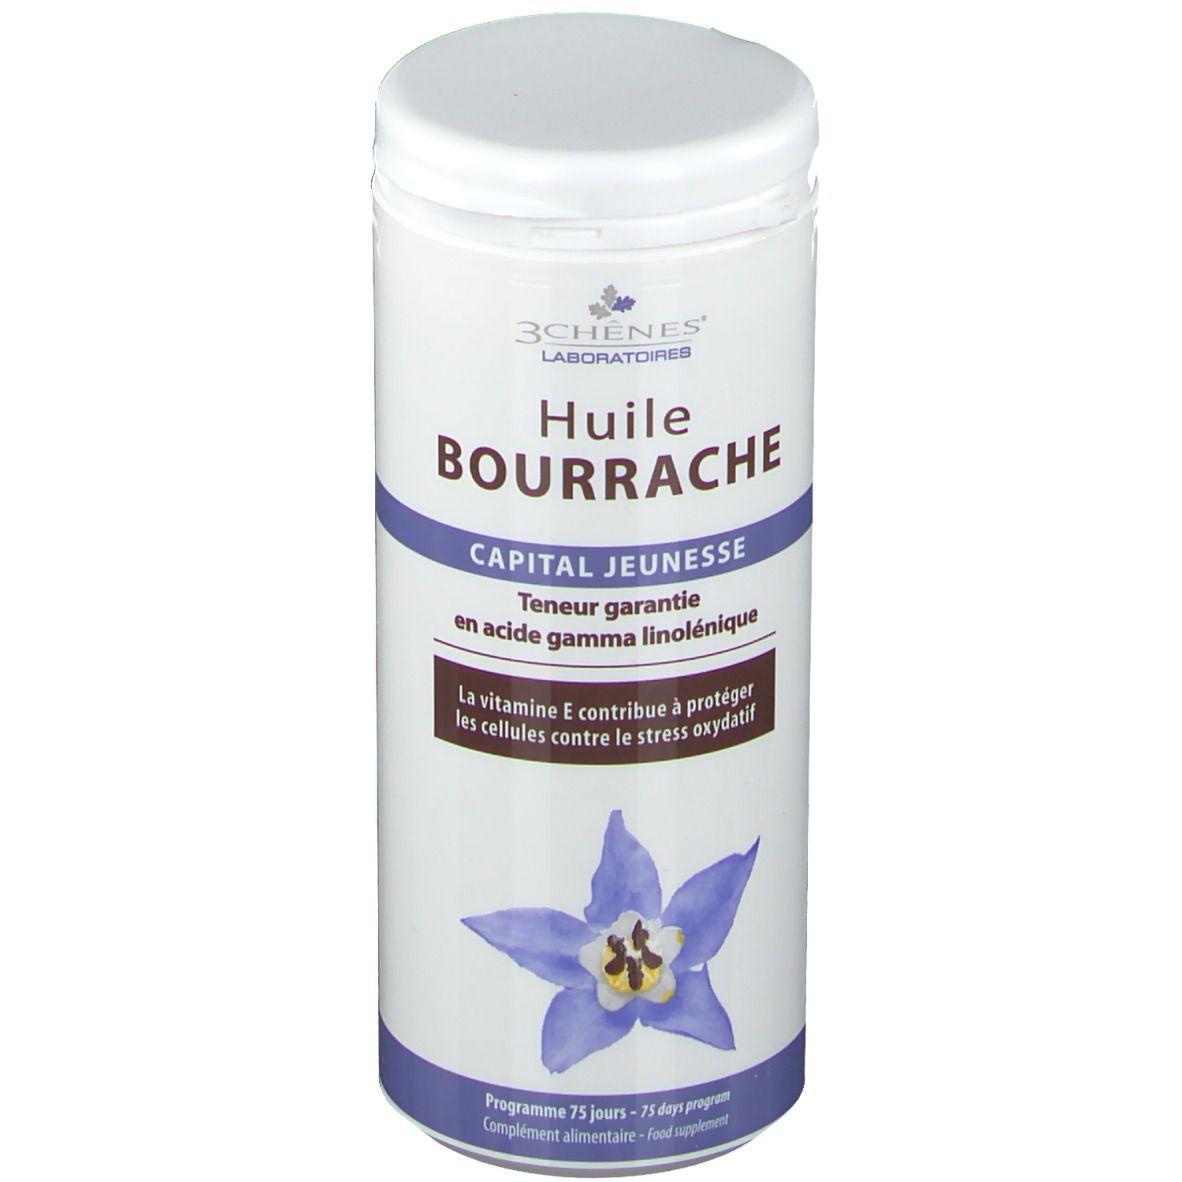 3Chênes® 3 Chênes® Huile Bourrache pc(s) capsule(s) douce(s)